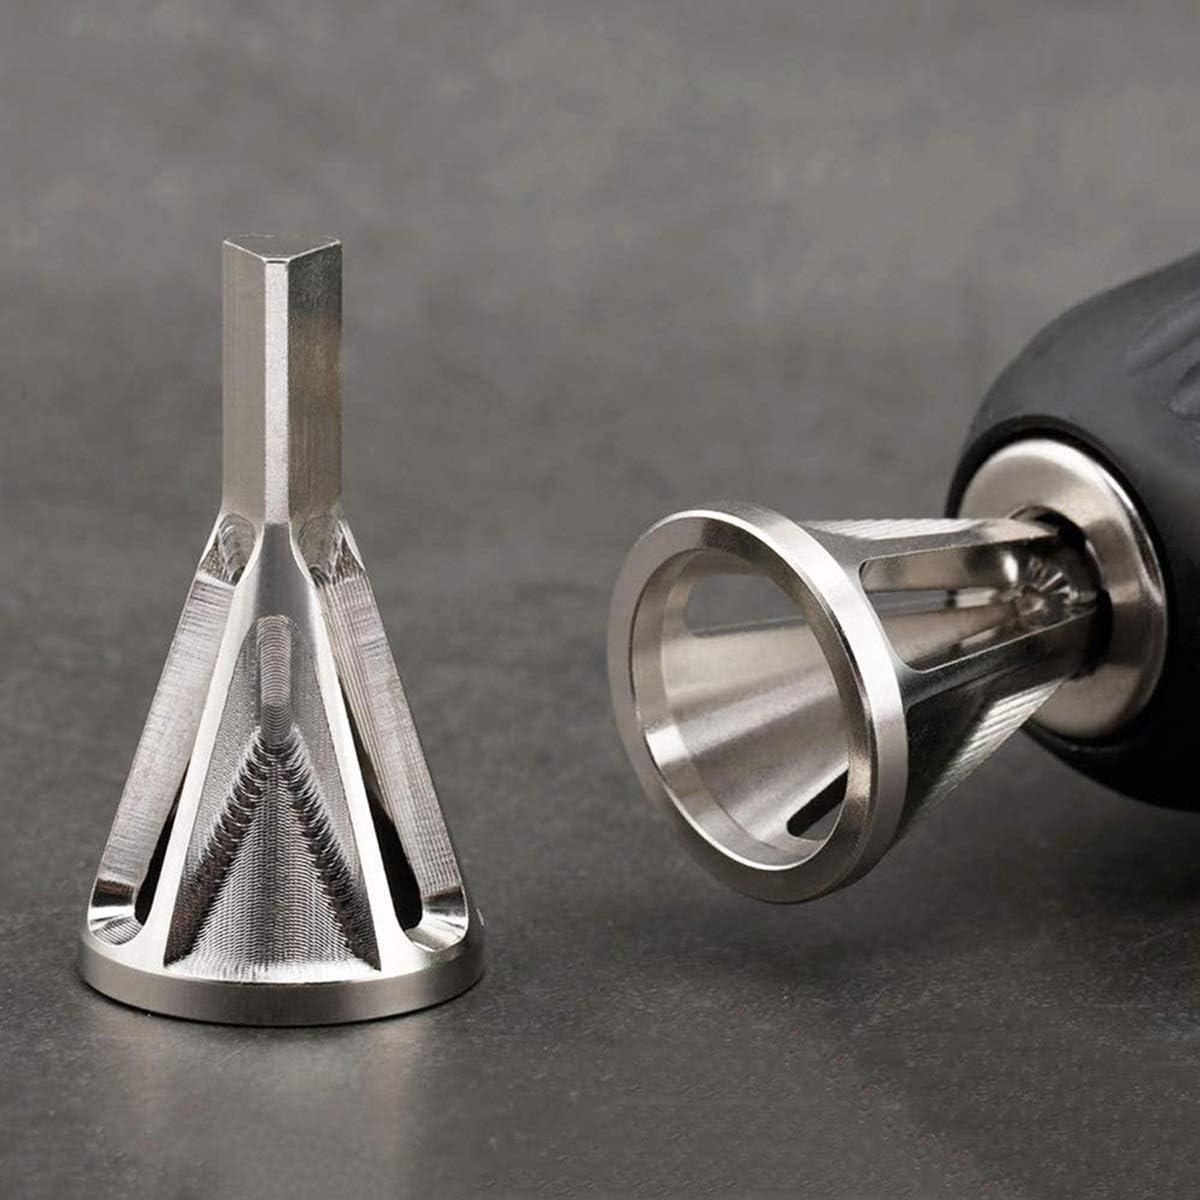 HaiQianXin Entgraten von externem Fasenwerkzeug Edelstahl Entfernen Sie Gratwerkzeuge f/ür Bohrer mit hoher Qualit/ät